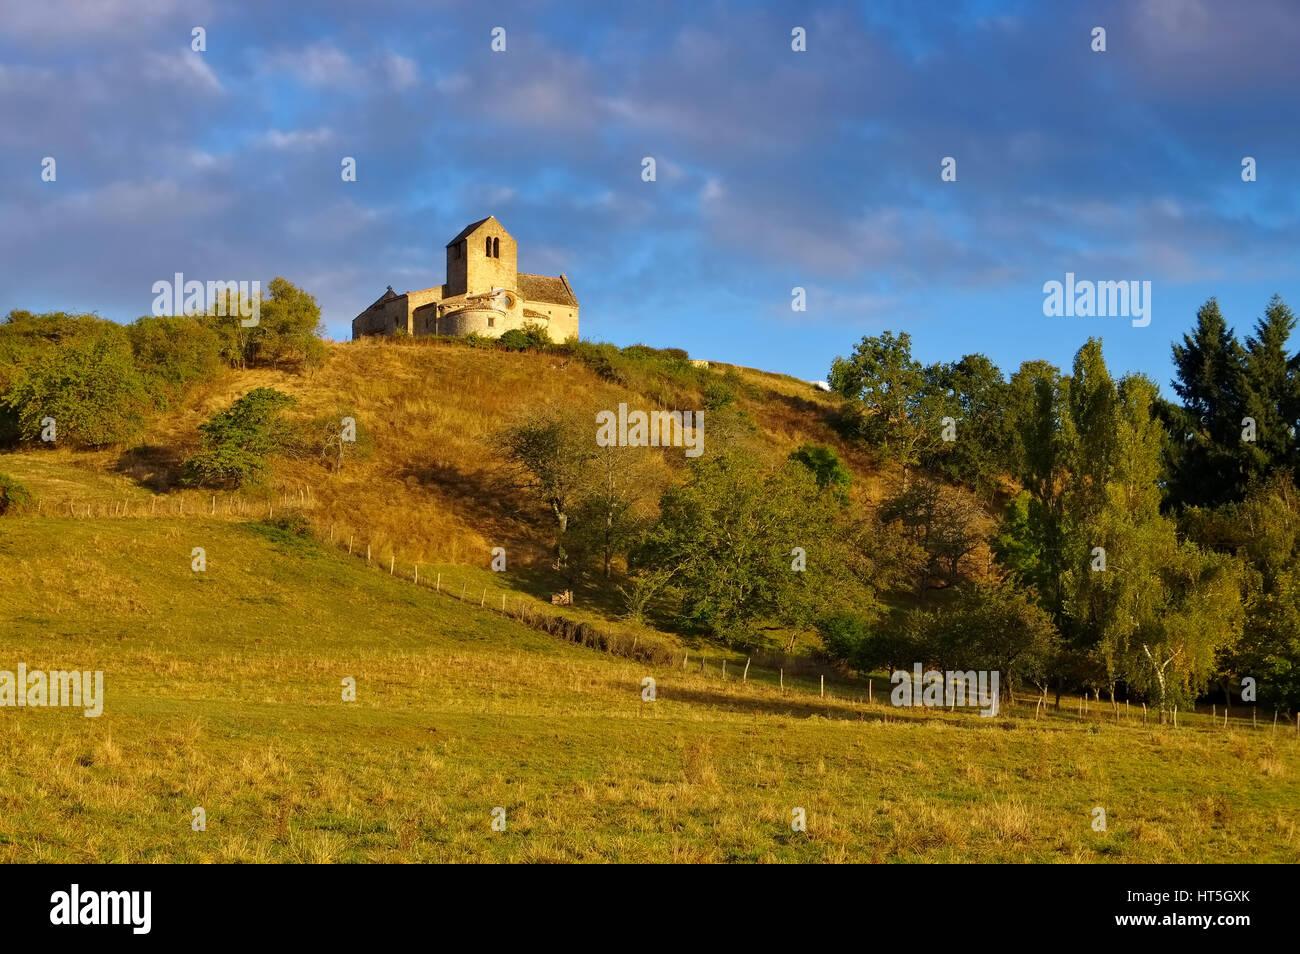 Chatel-de-Neuvre church Saint-Laurent, Auvergne in France Stock Photo